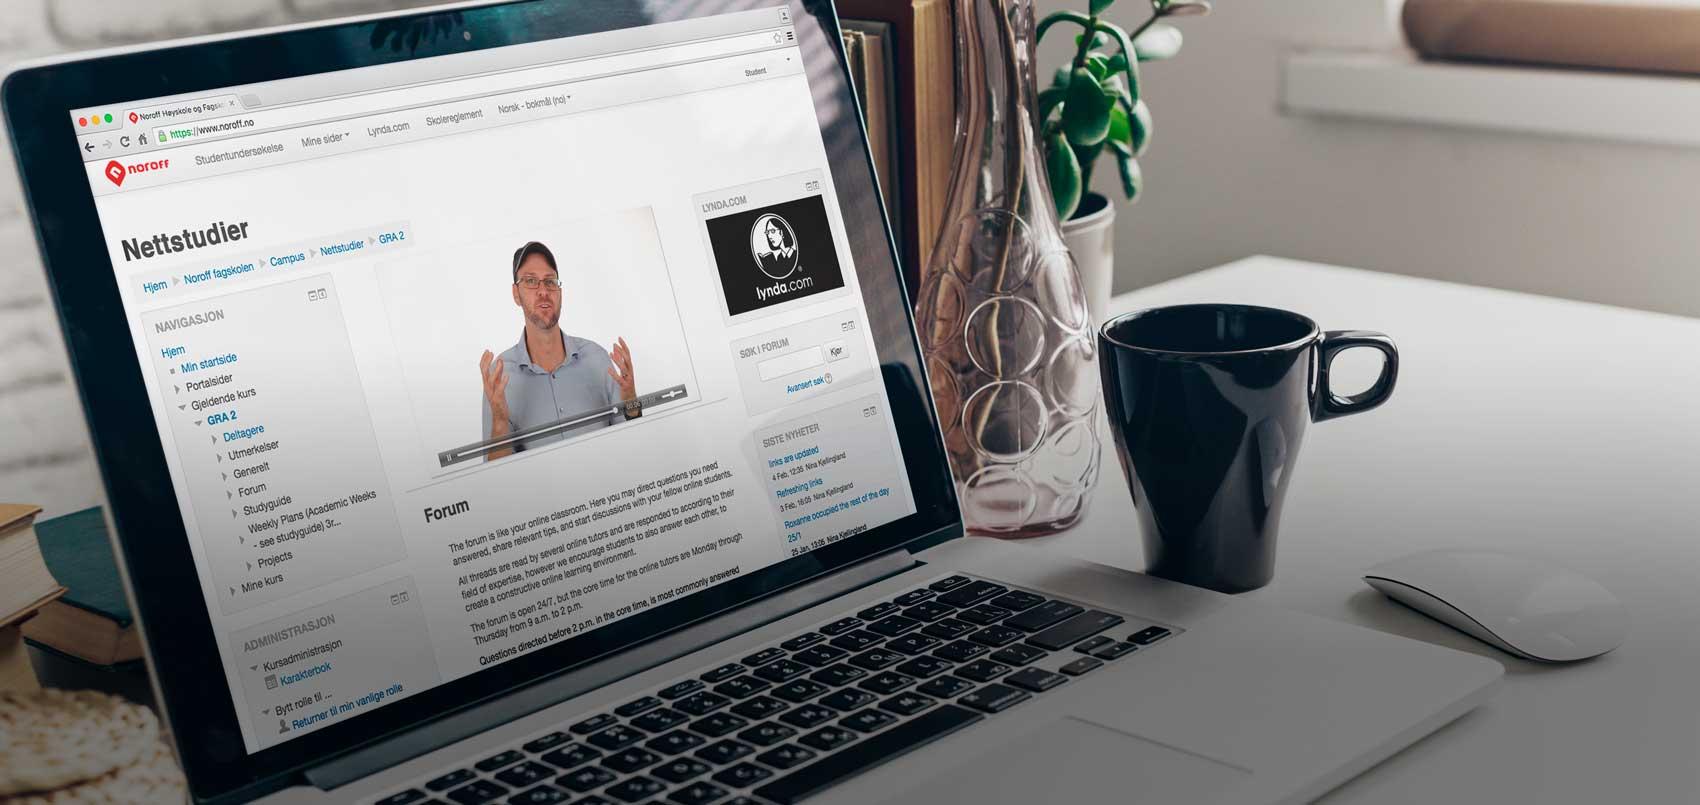 nettstudier-laptop